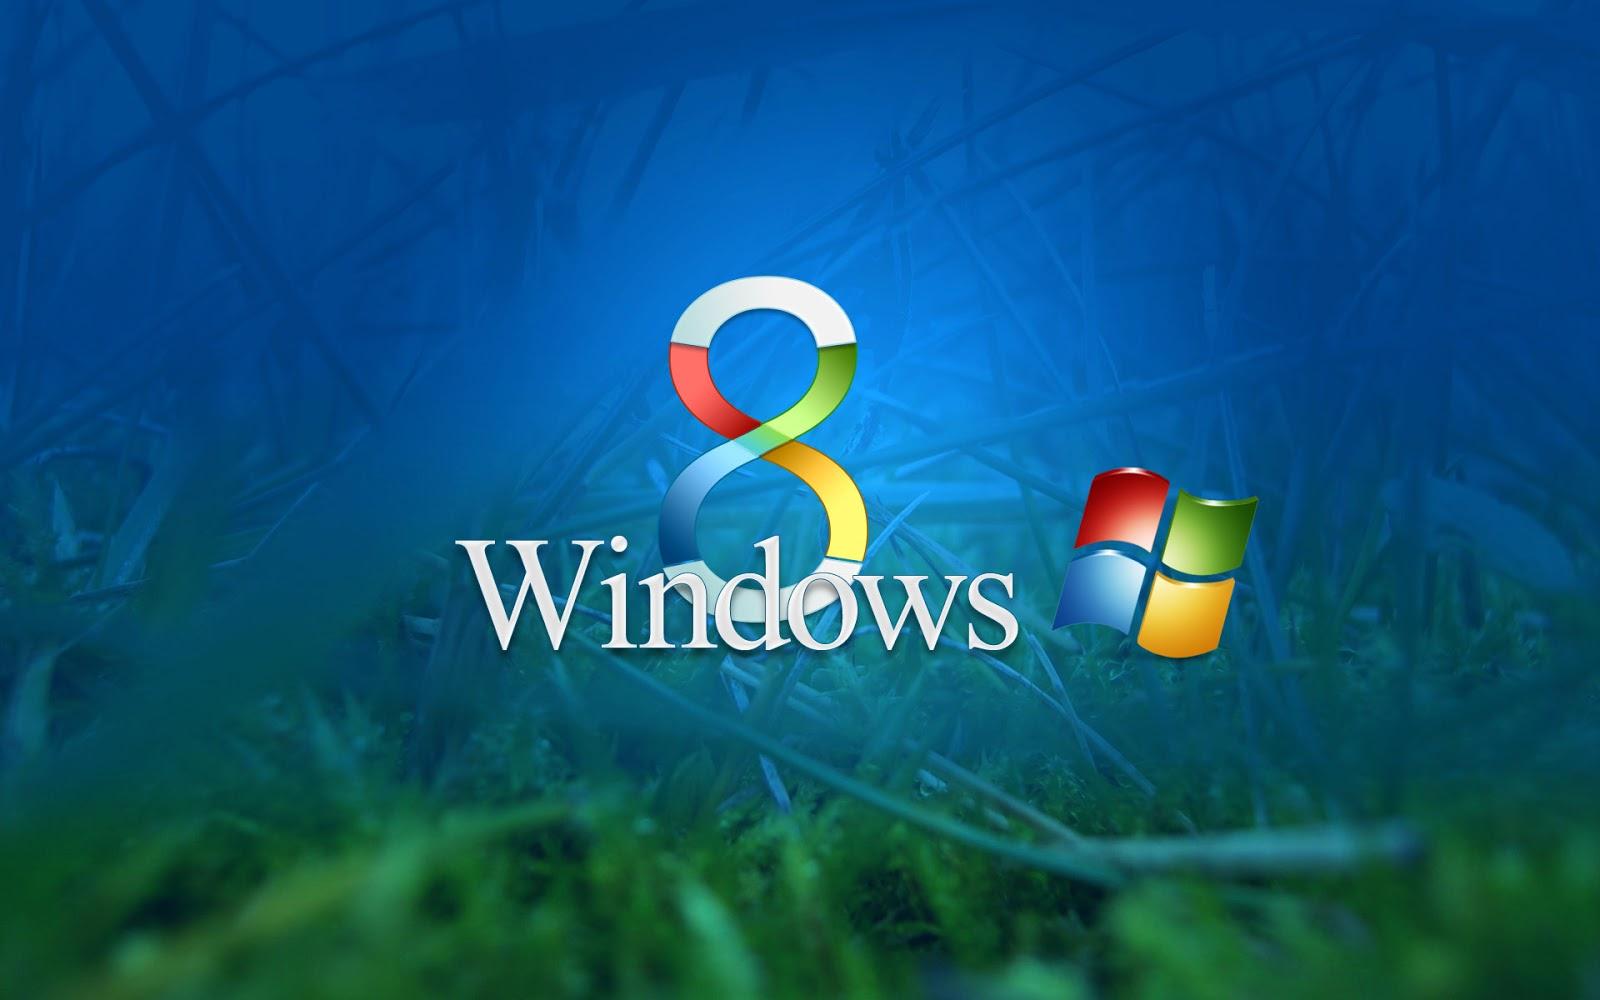 http://2.bp.blogspot.com/-Slcj38As-qY/UI02dBXtLvI/AAAAAAAAHes/_K4PoOzn0YI/s1600/Windows-8-desktop-Wallpaper.jpg